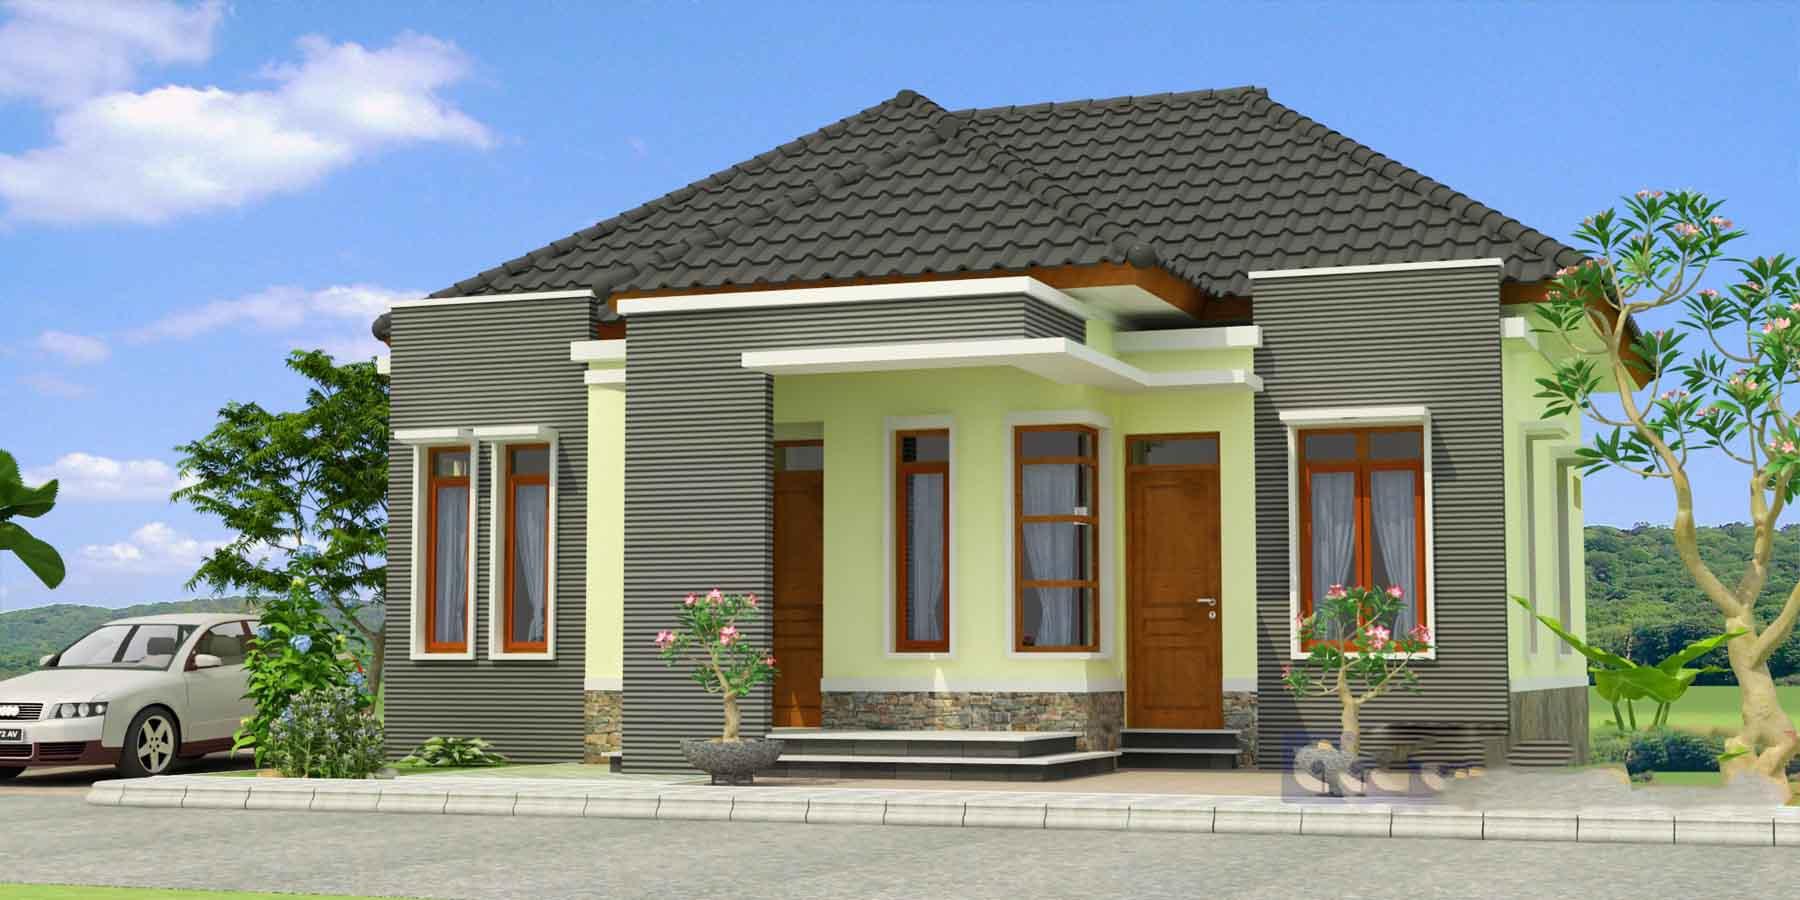 105 Gambar Rumah Minimalis Sederhana Tp Elegan Gambar Desain Rumah Minimalis